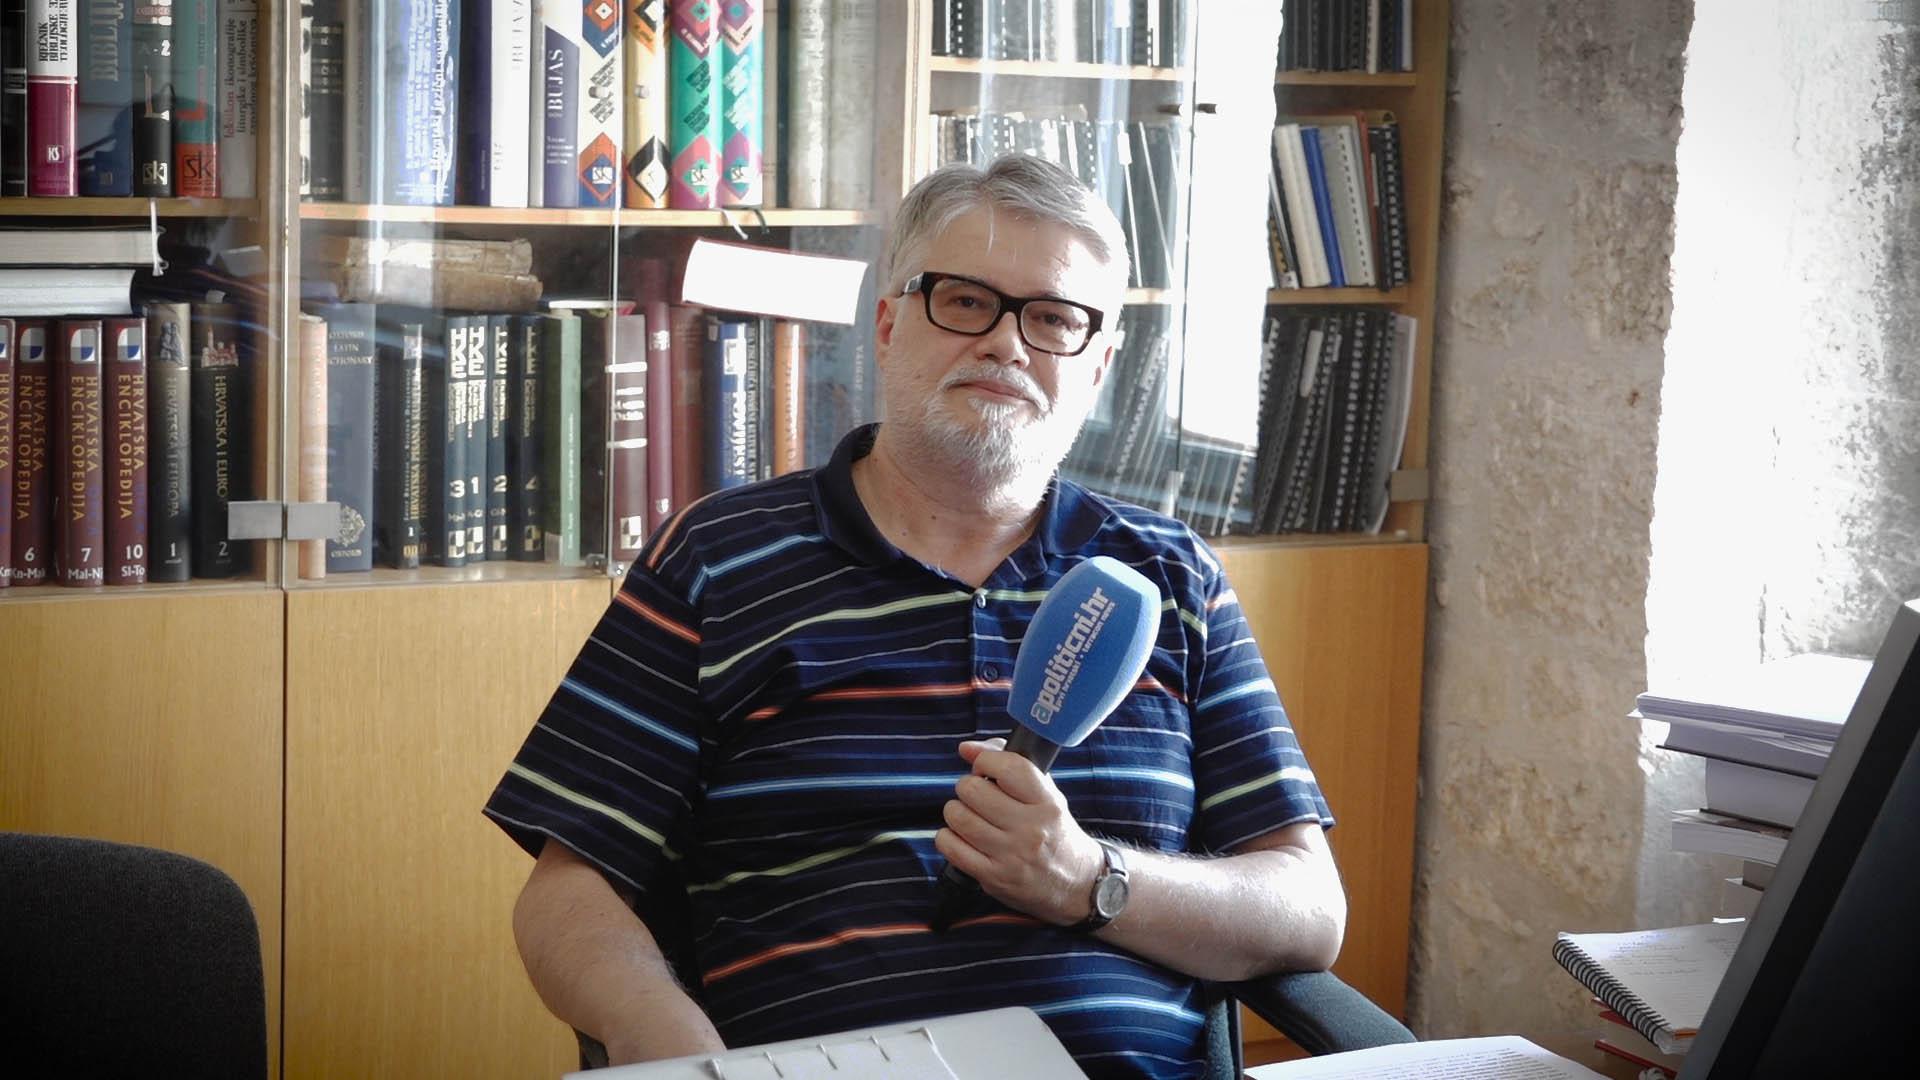 Svečana dodjela nagrada Dana hrvatske knjige